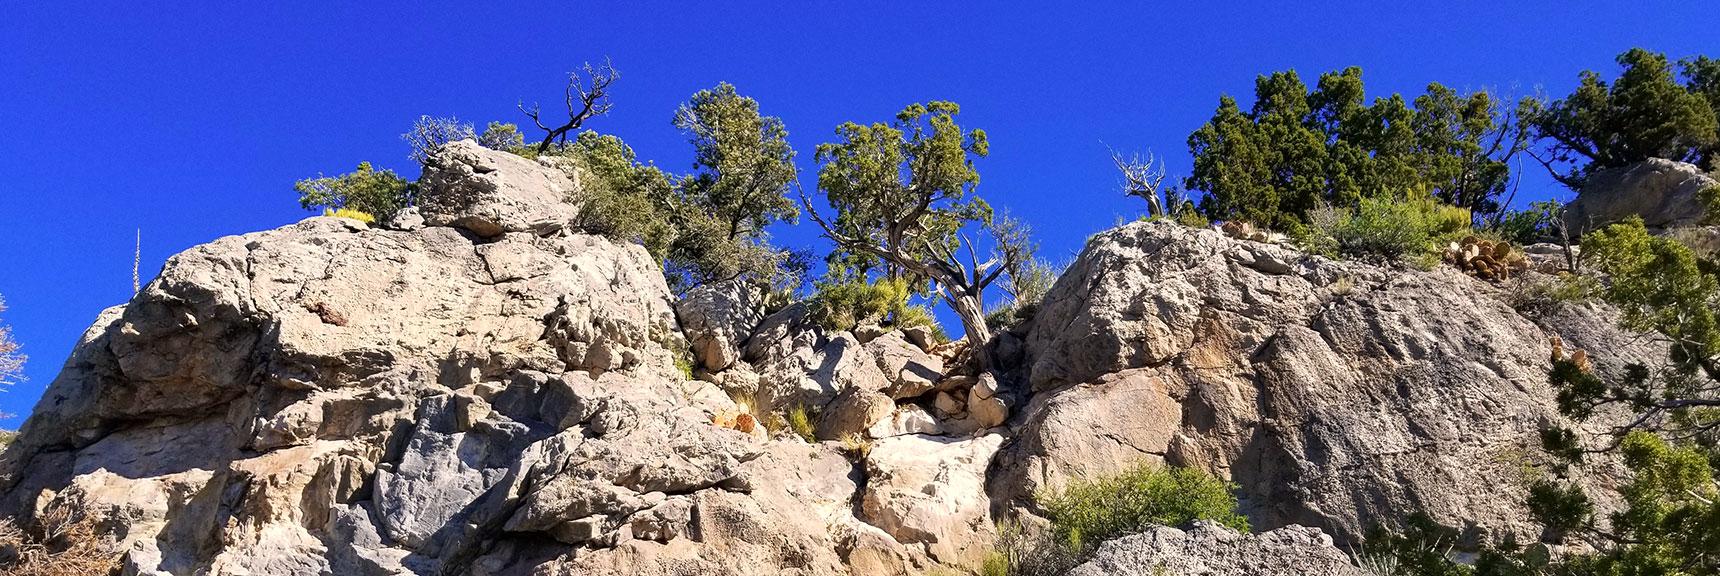 Short Class 3-4 Rock Climb Neat Summit of Keystone Thrust, La Madre Mt. Wilderness, NV